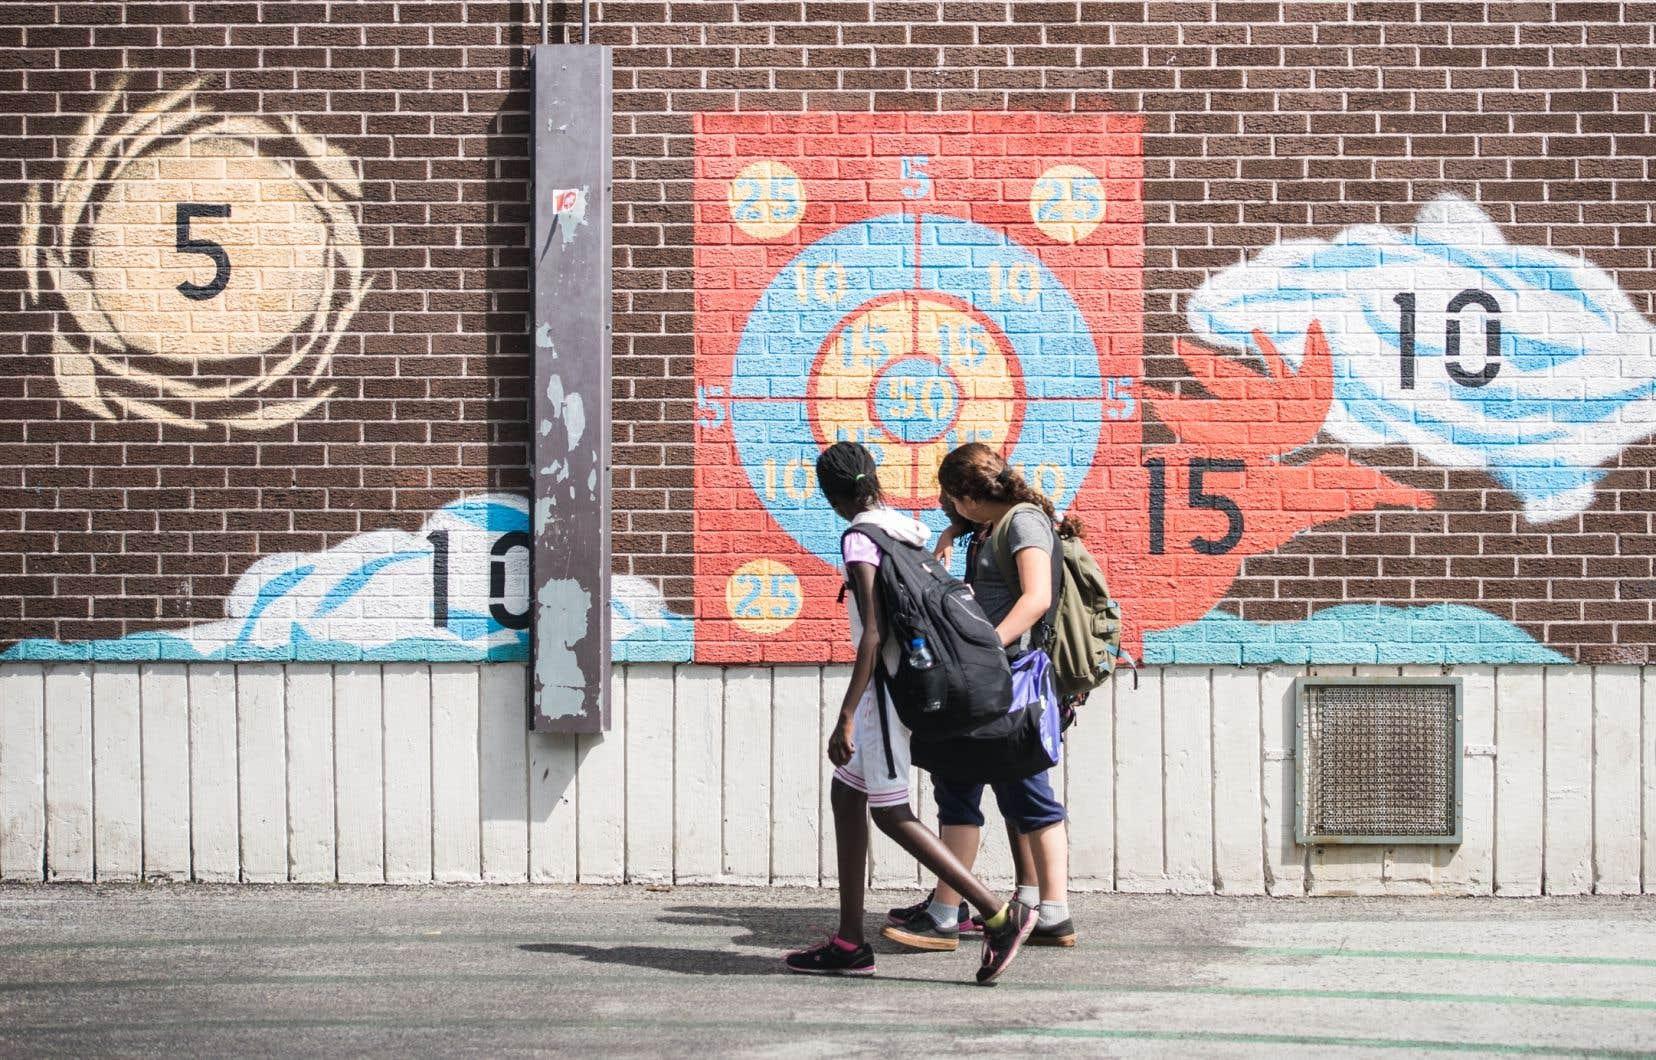 «On continue à confiner les universités, les cégeps, on ferme les 4e et 5e secondaire un jour sur deux, et on leur coupe aux jeunes le droit de faire du sport organisé», écrit l'autrice.